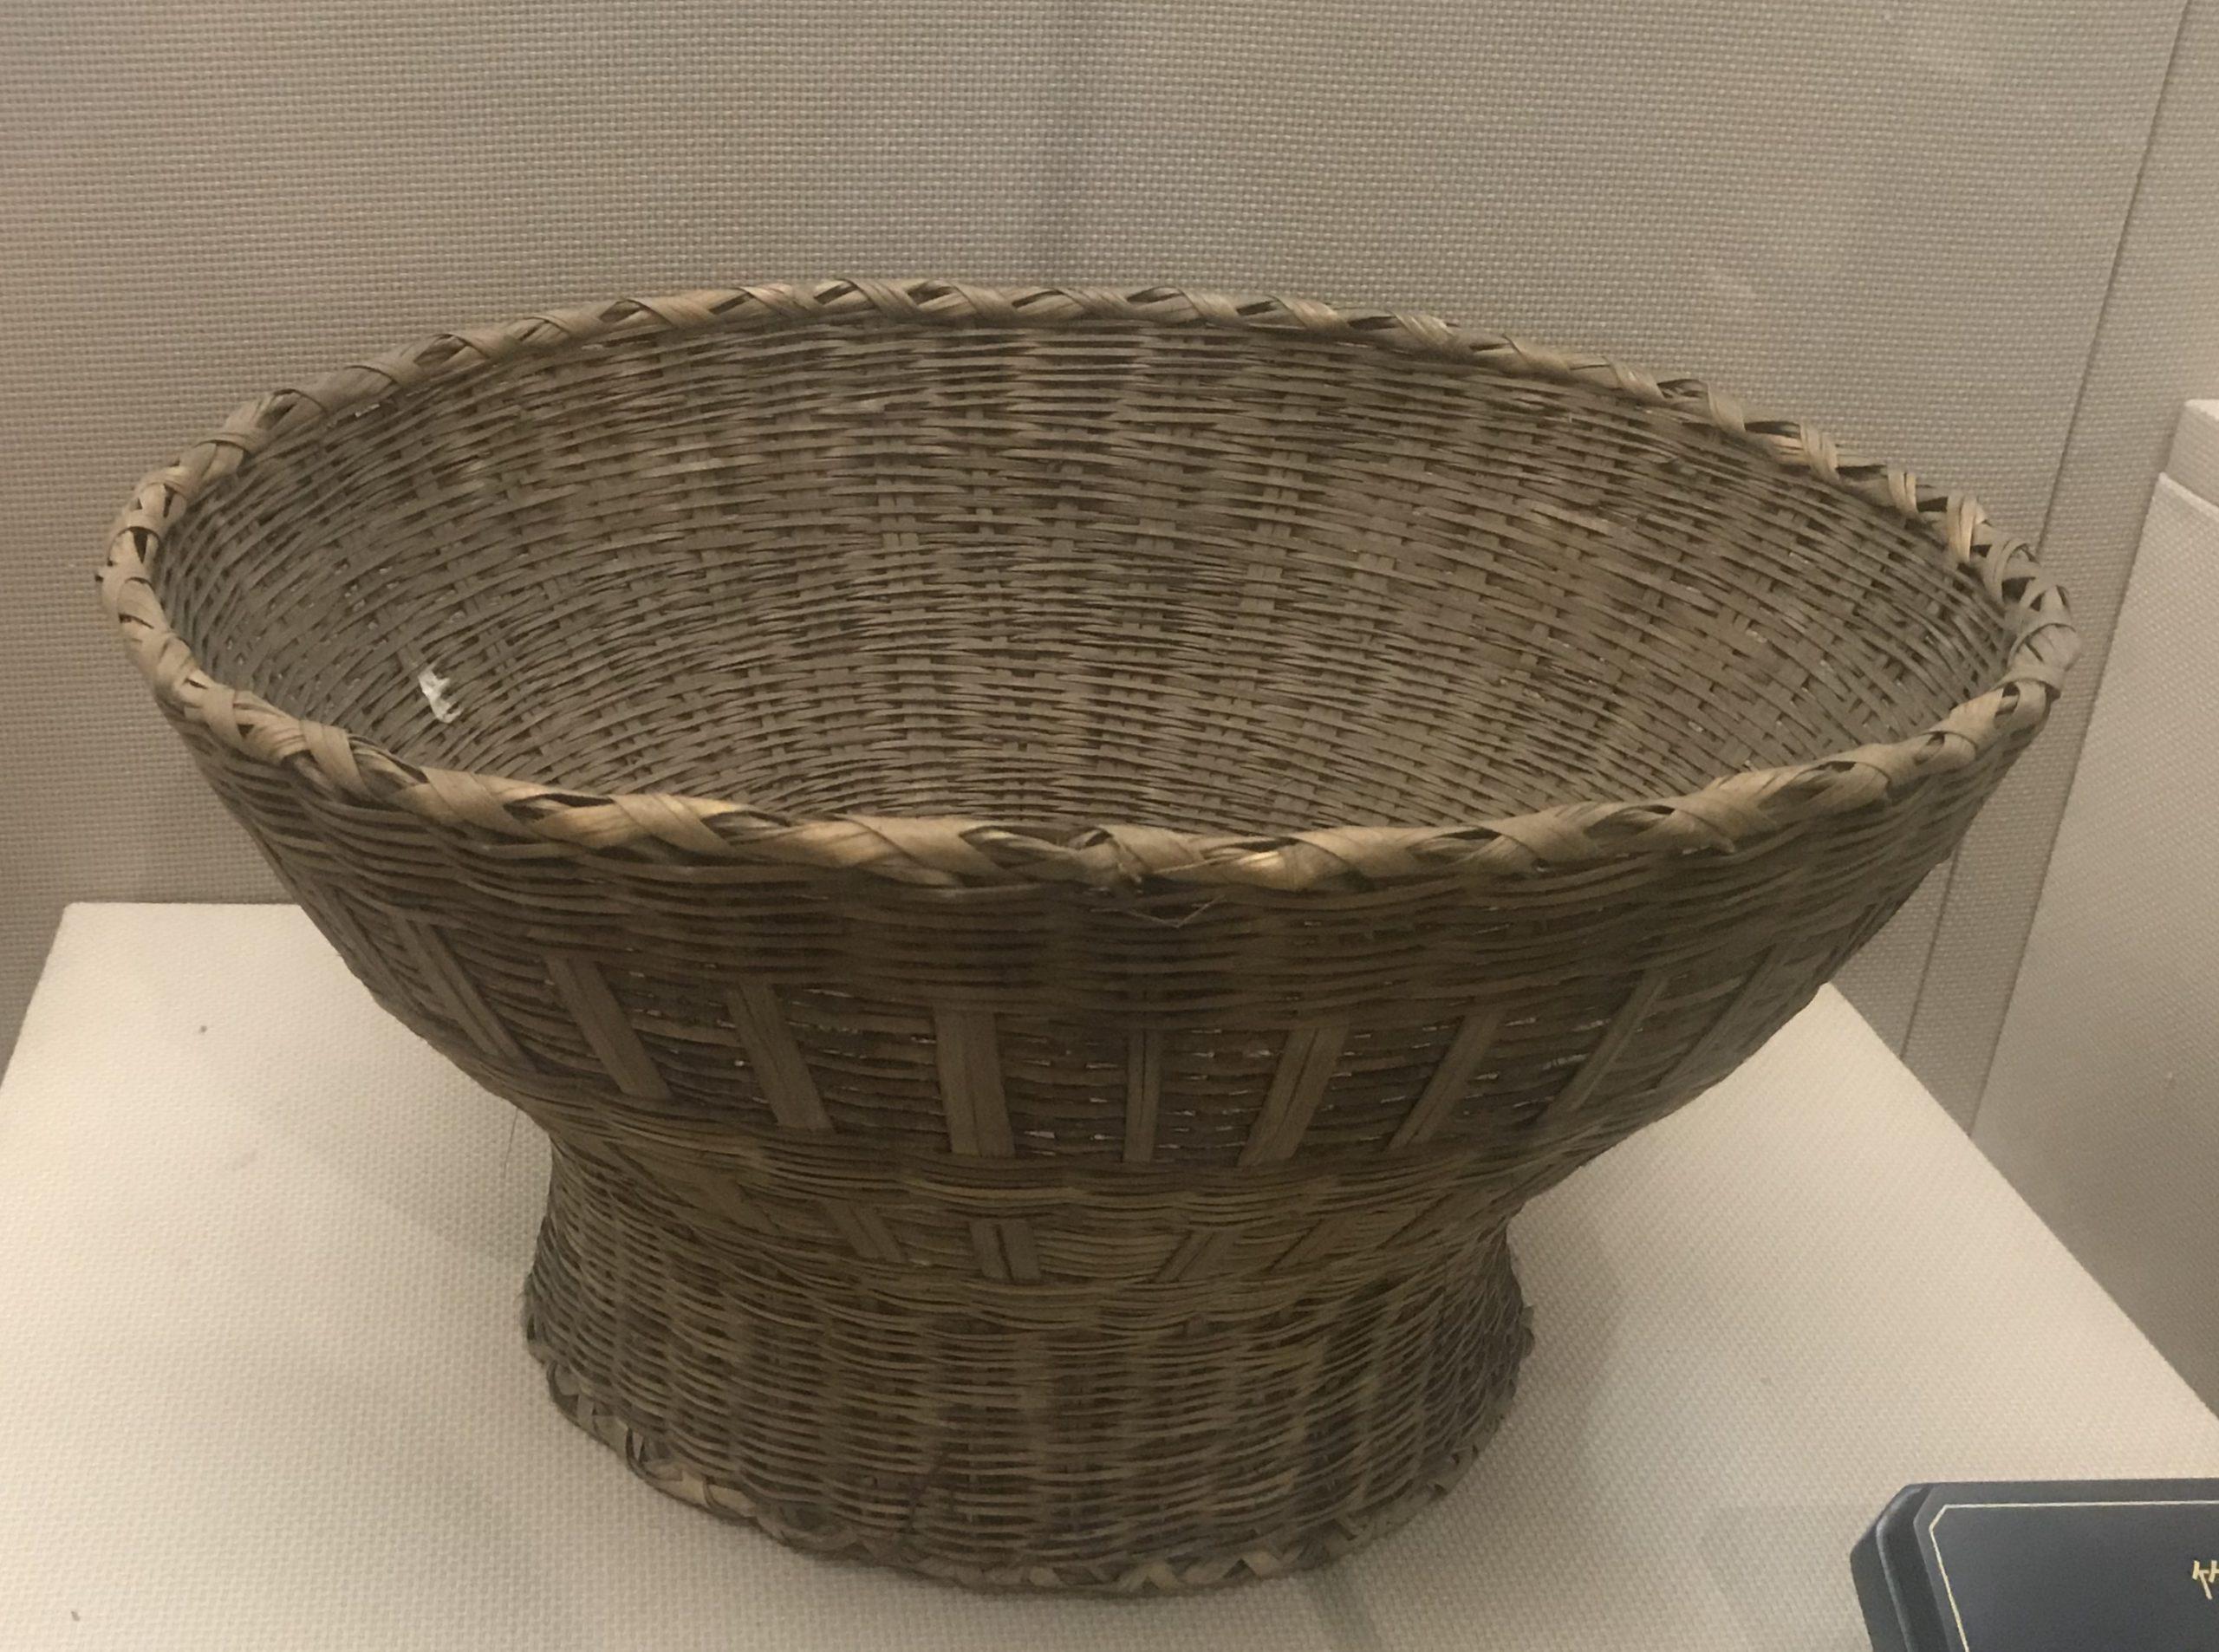 竹バケツ-彜族工具-四川民族文物館-四川博物館-成都